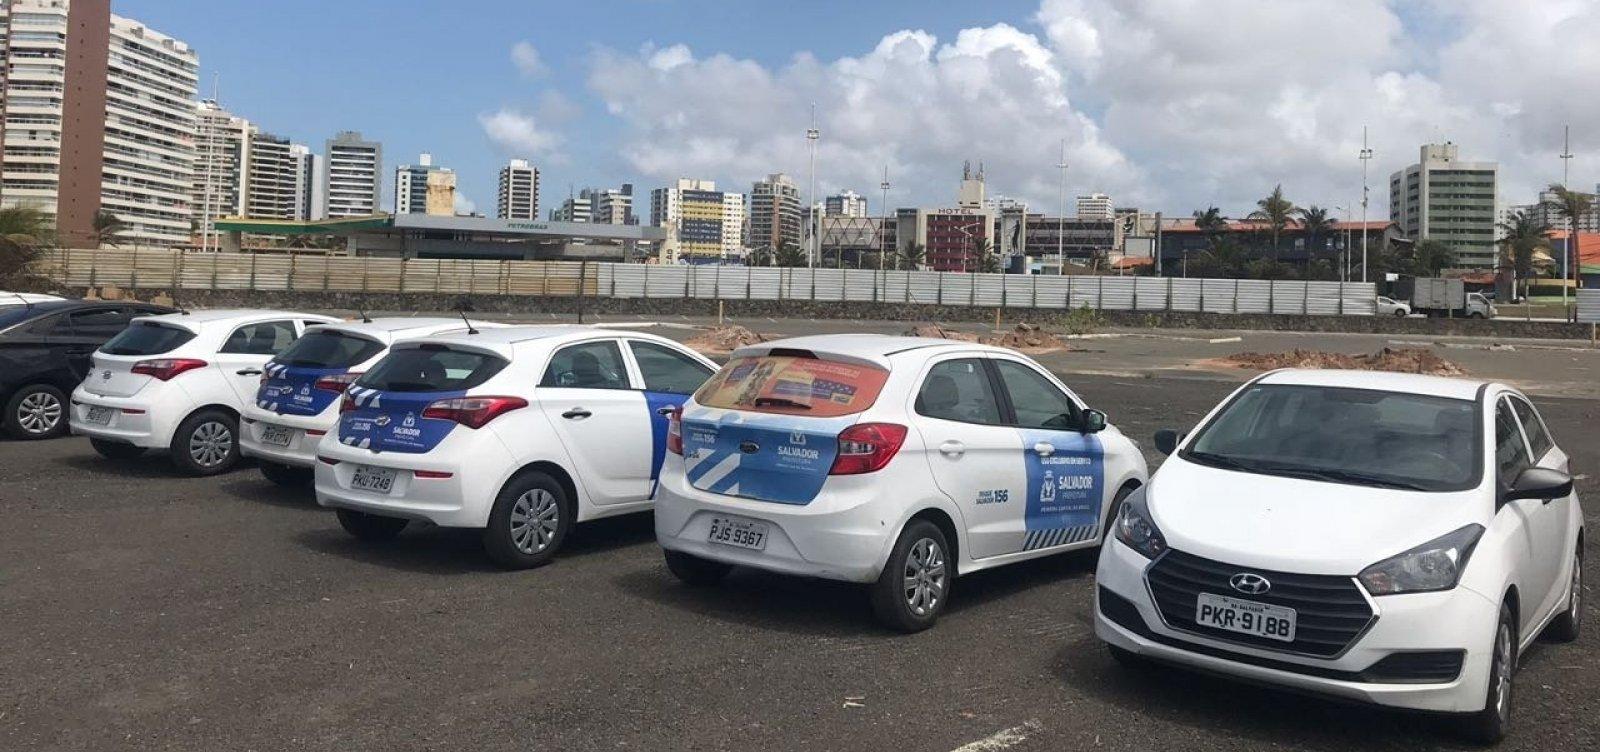 Justiça dá 15 dias para prefeitura explicar carros oficiais em campanha de Zé Ronaldo